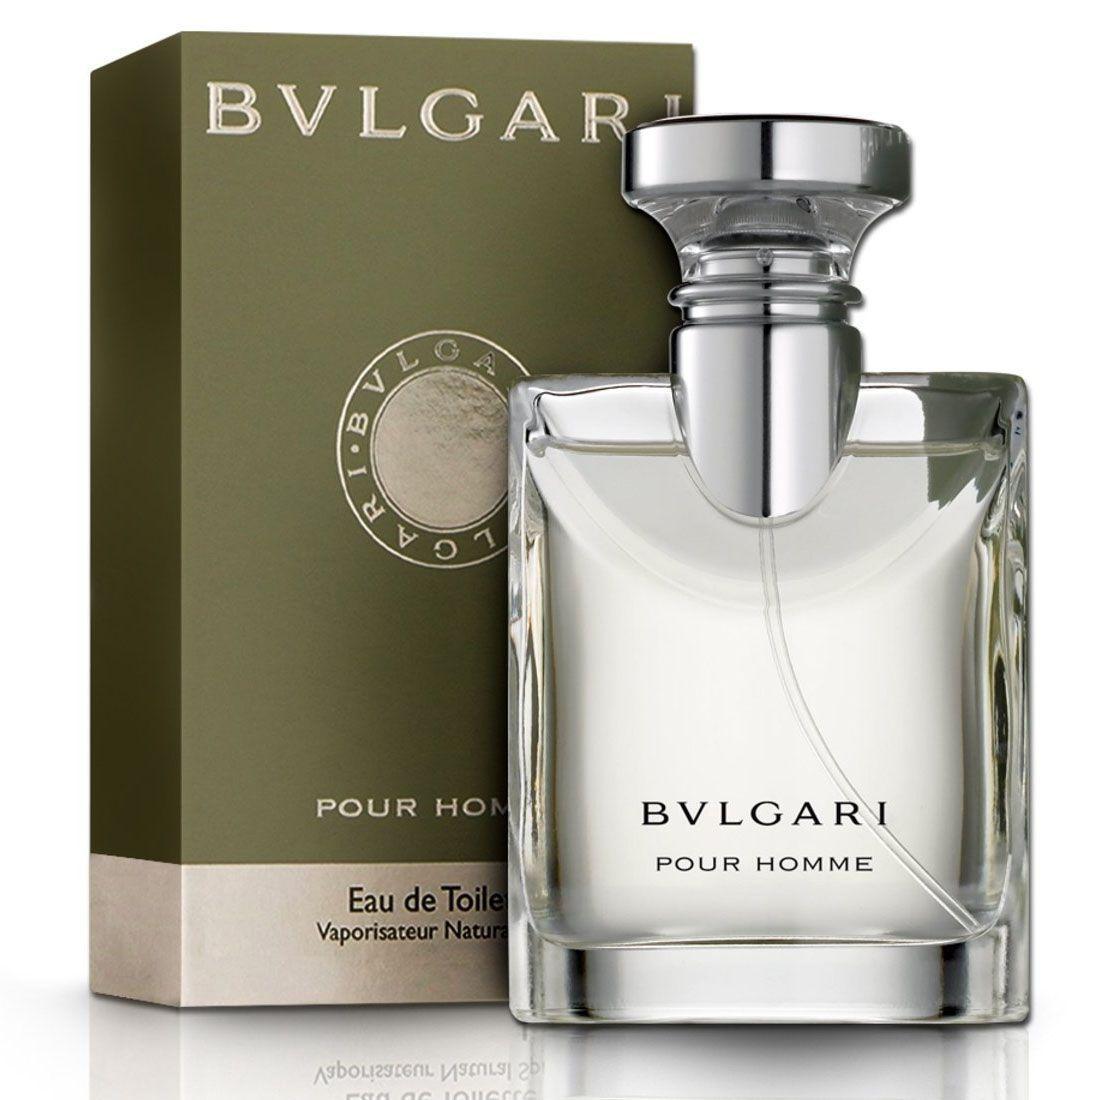 Perfume Bvlgari Pour Homme 100ml